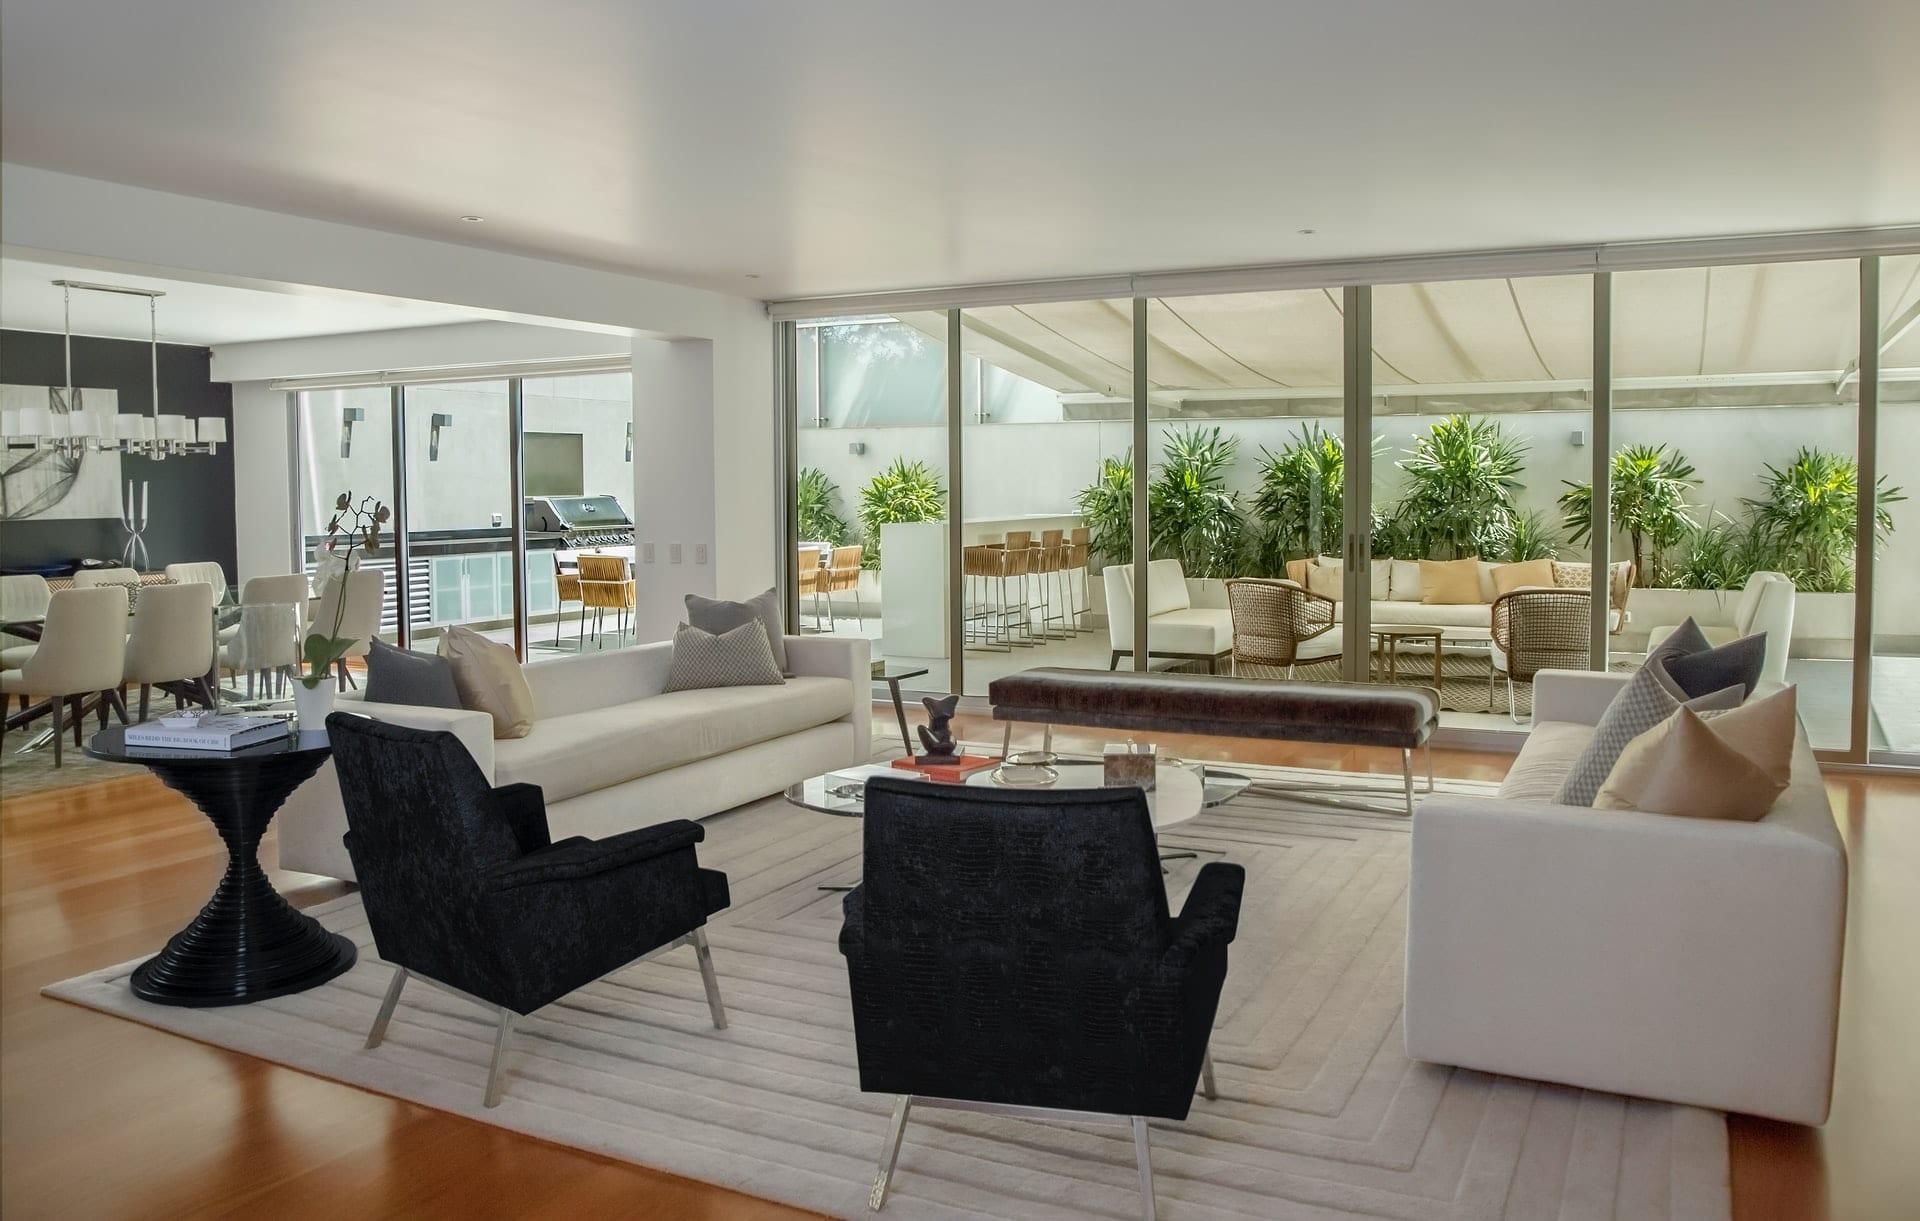 Diseños de casas más solicitados tras el COVID-19